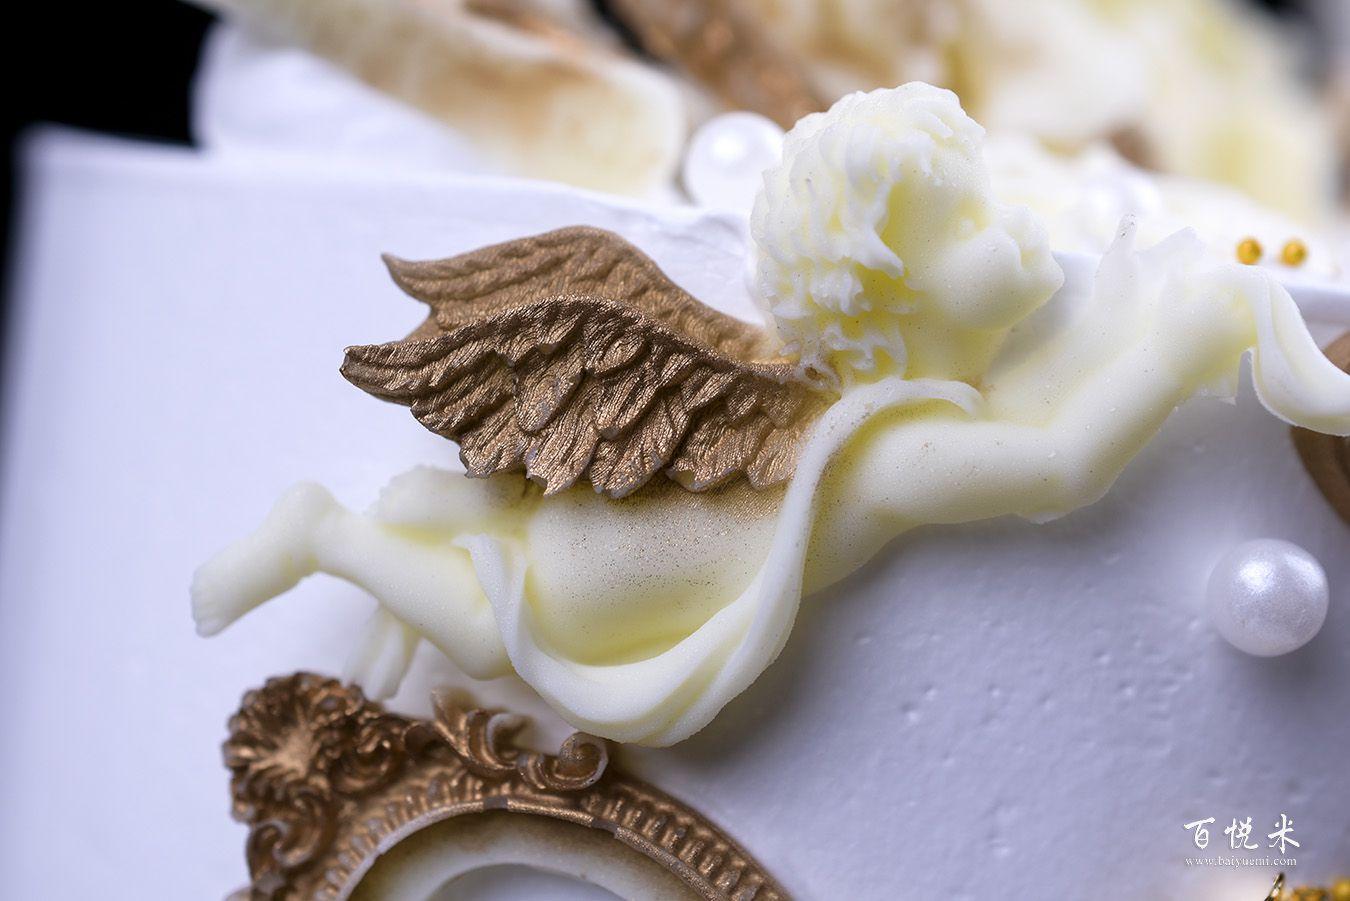 罗马天使浮雕蛋糕高清图片大全【蛋糕图片】_1066